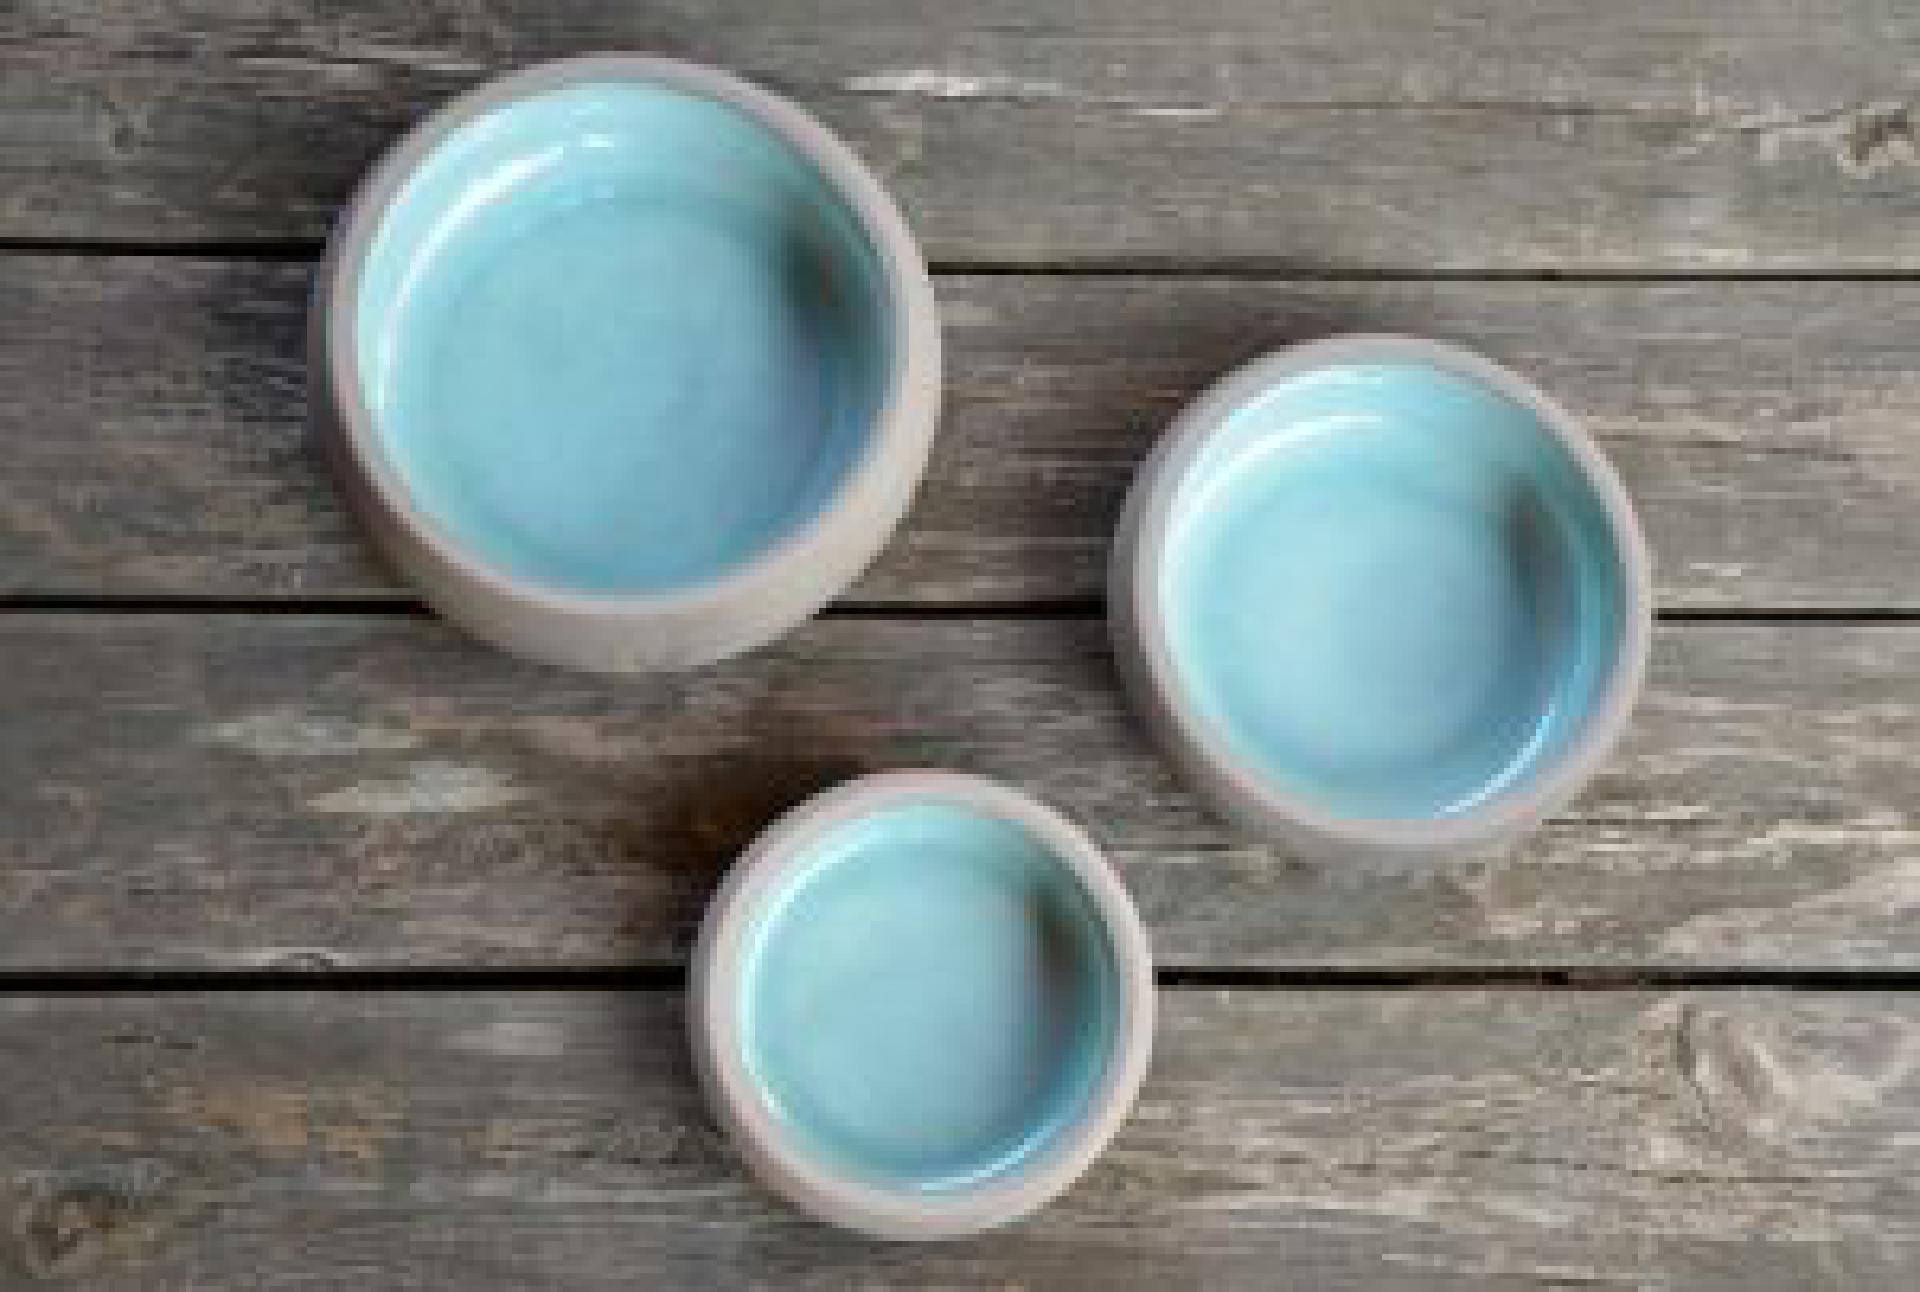 treusinn-keramiknapf_aqua_2_1200_720x600